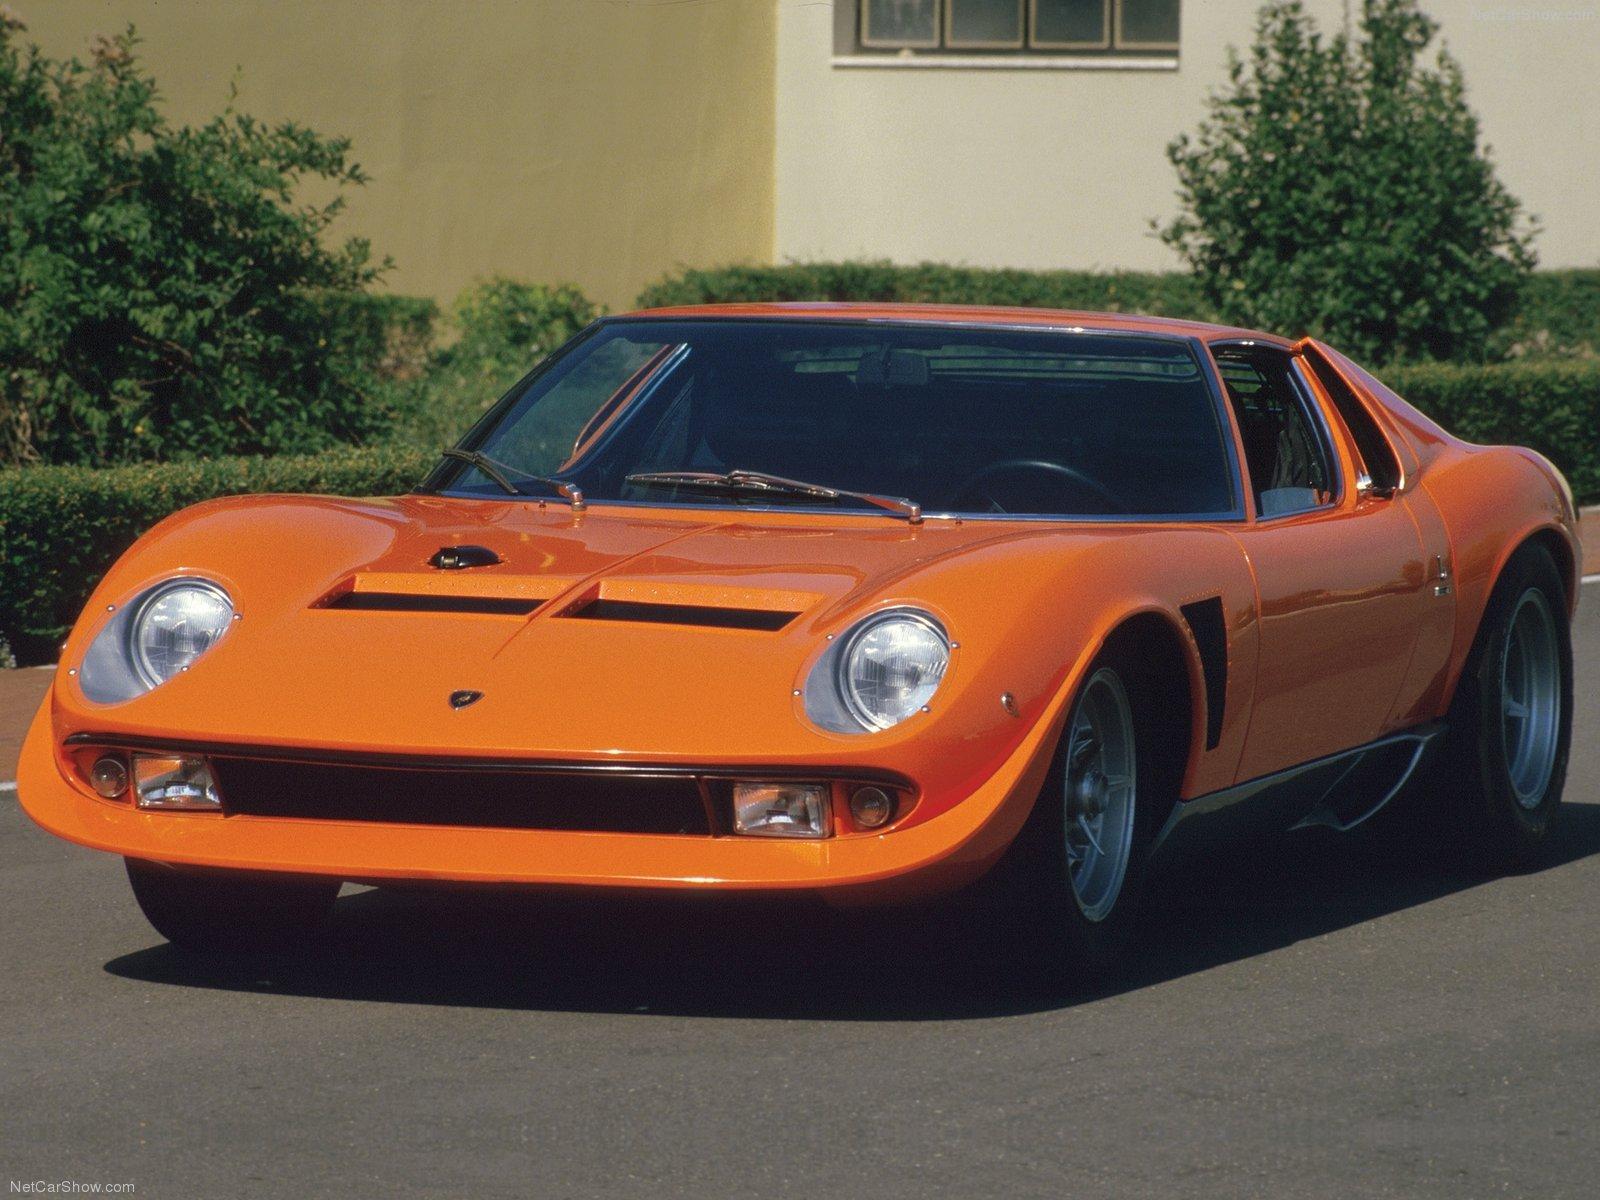 Hình ảnh siêu xe Lamborghini Miura Jota 1970 & nội ngoại thất